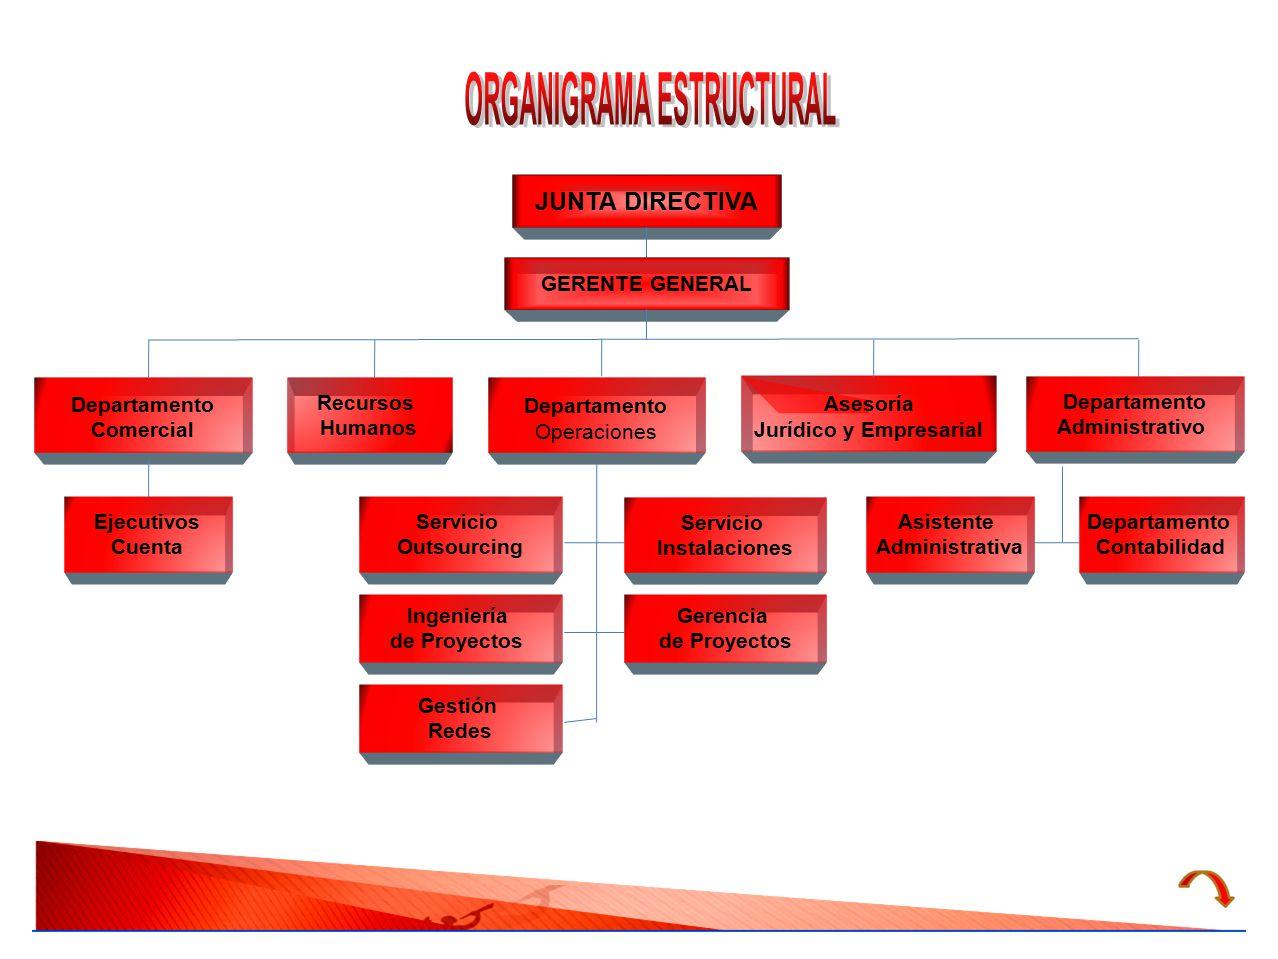 ORGANIGRAMA ESTRUCTURAL Jurídico y Empresarial